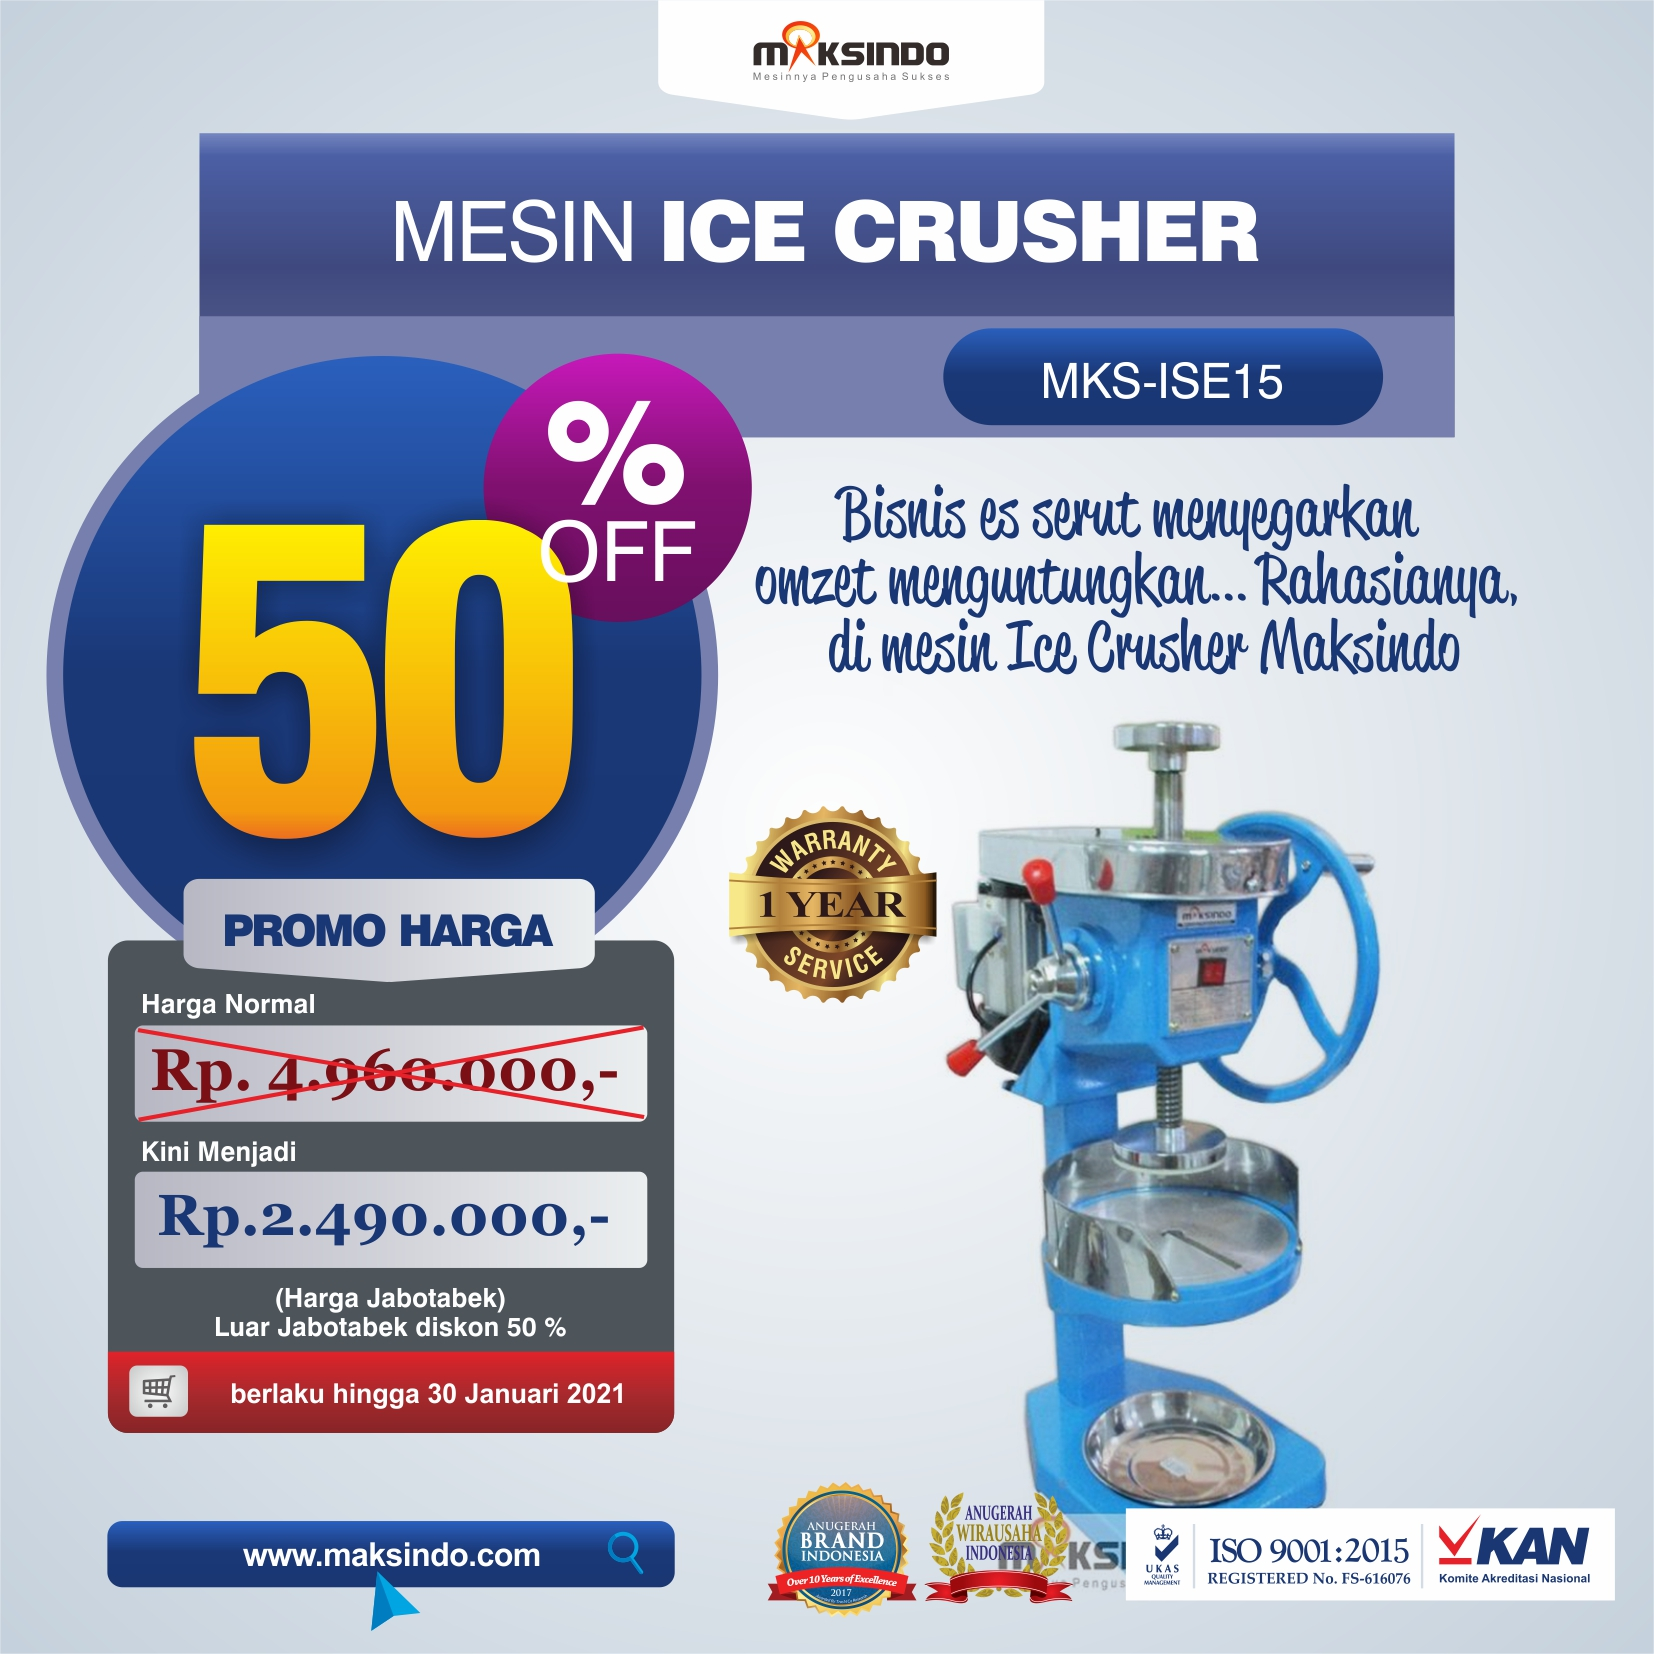 Jual Mesin Ice Crusher MKS-ISE15 di Tangerang